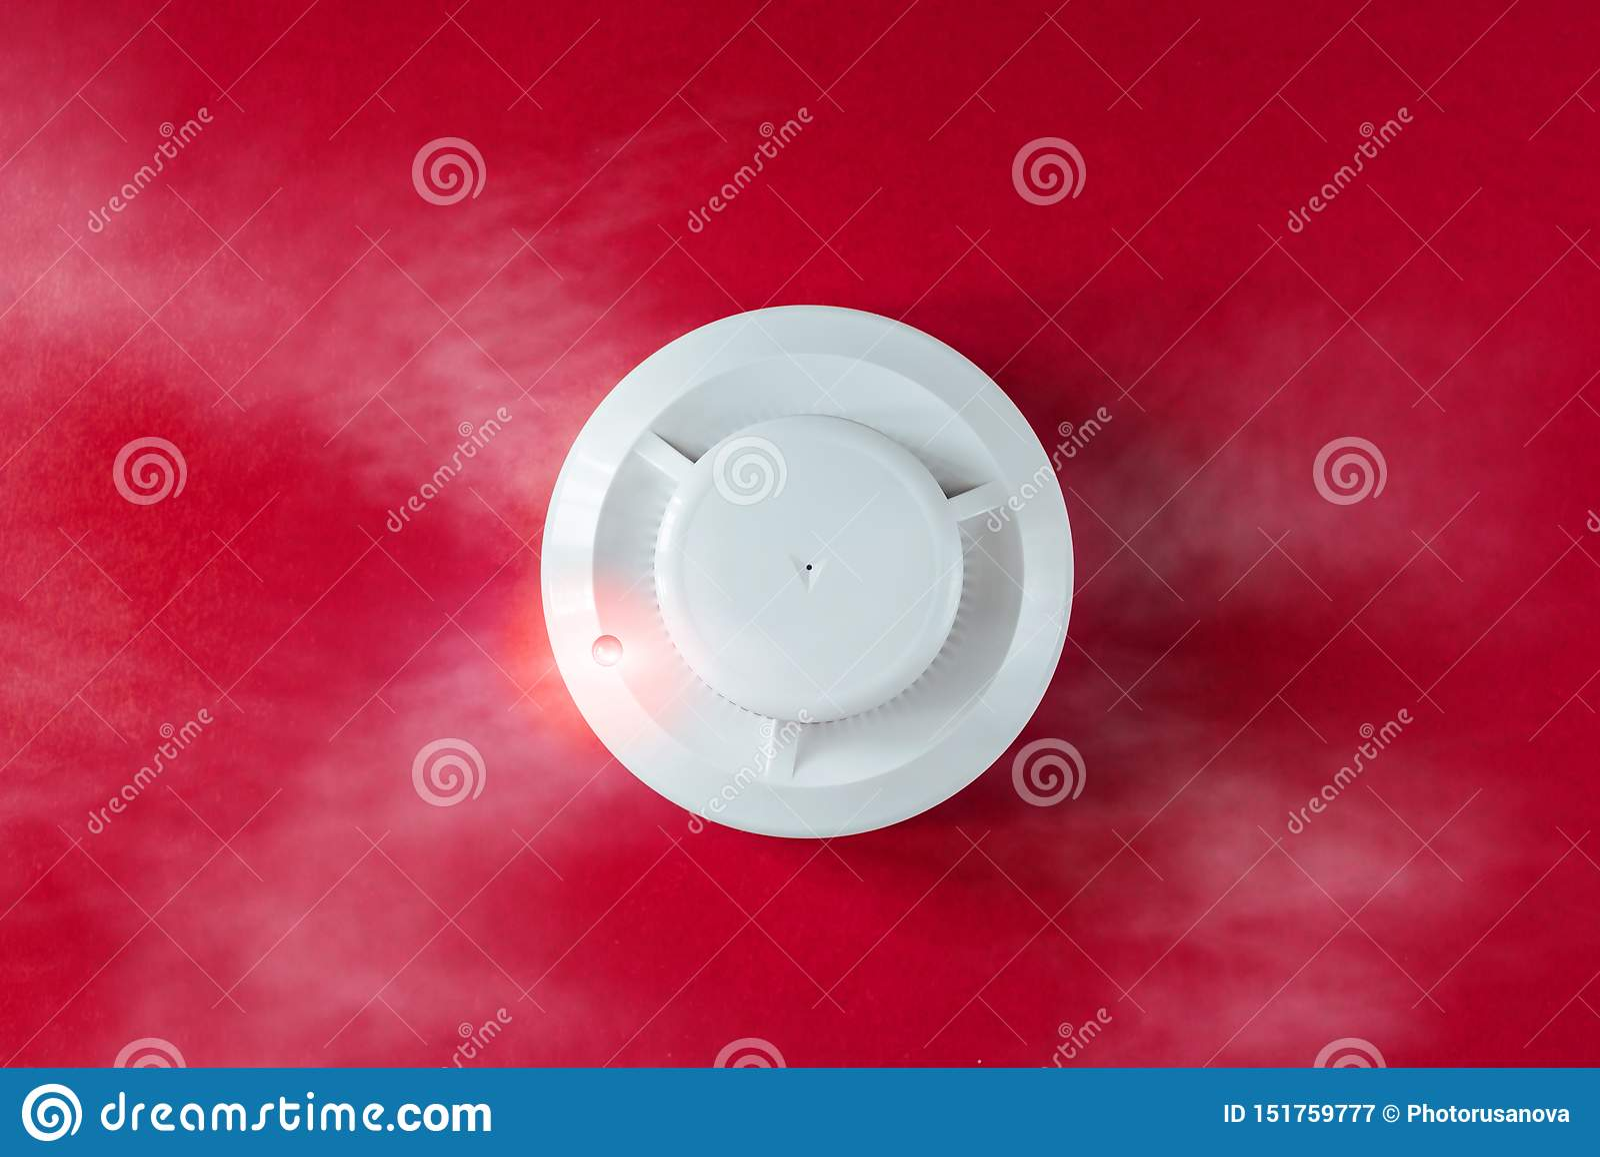 烟检测器和探火仪在红色背景 火警平的位置